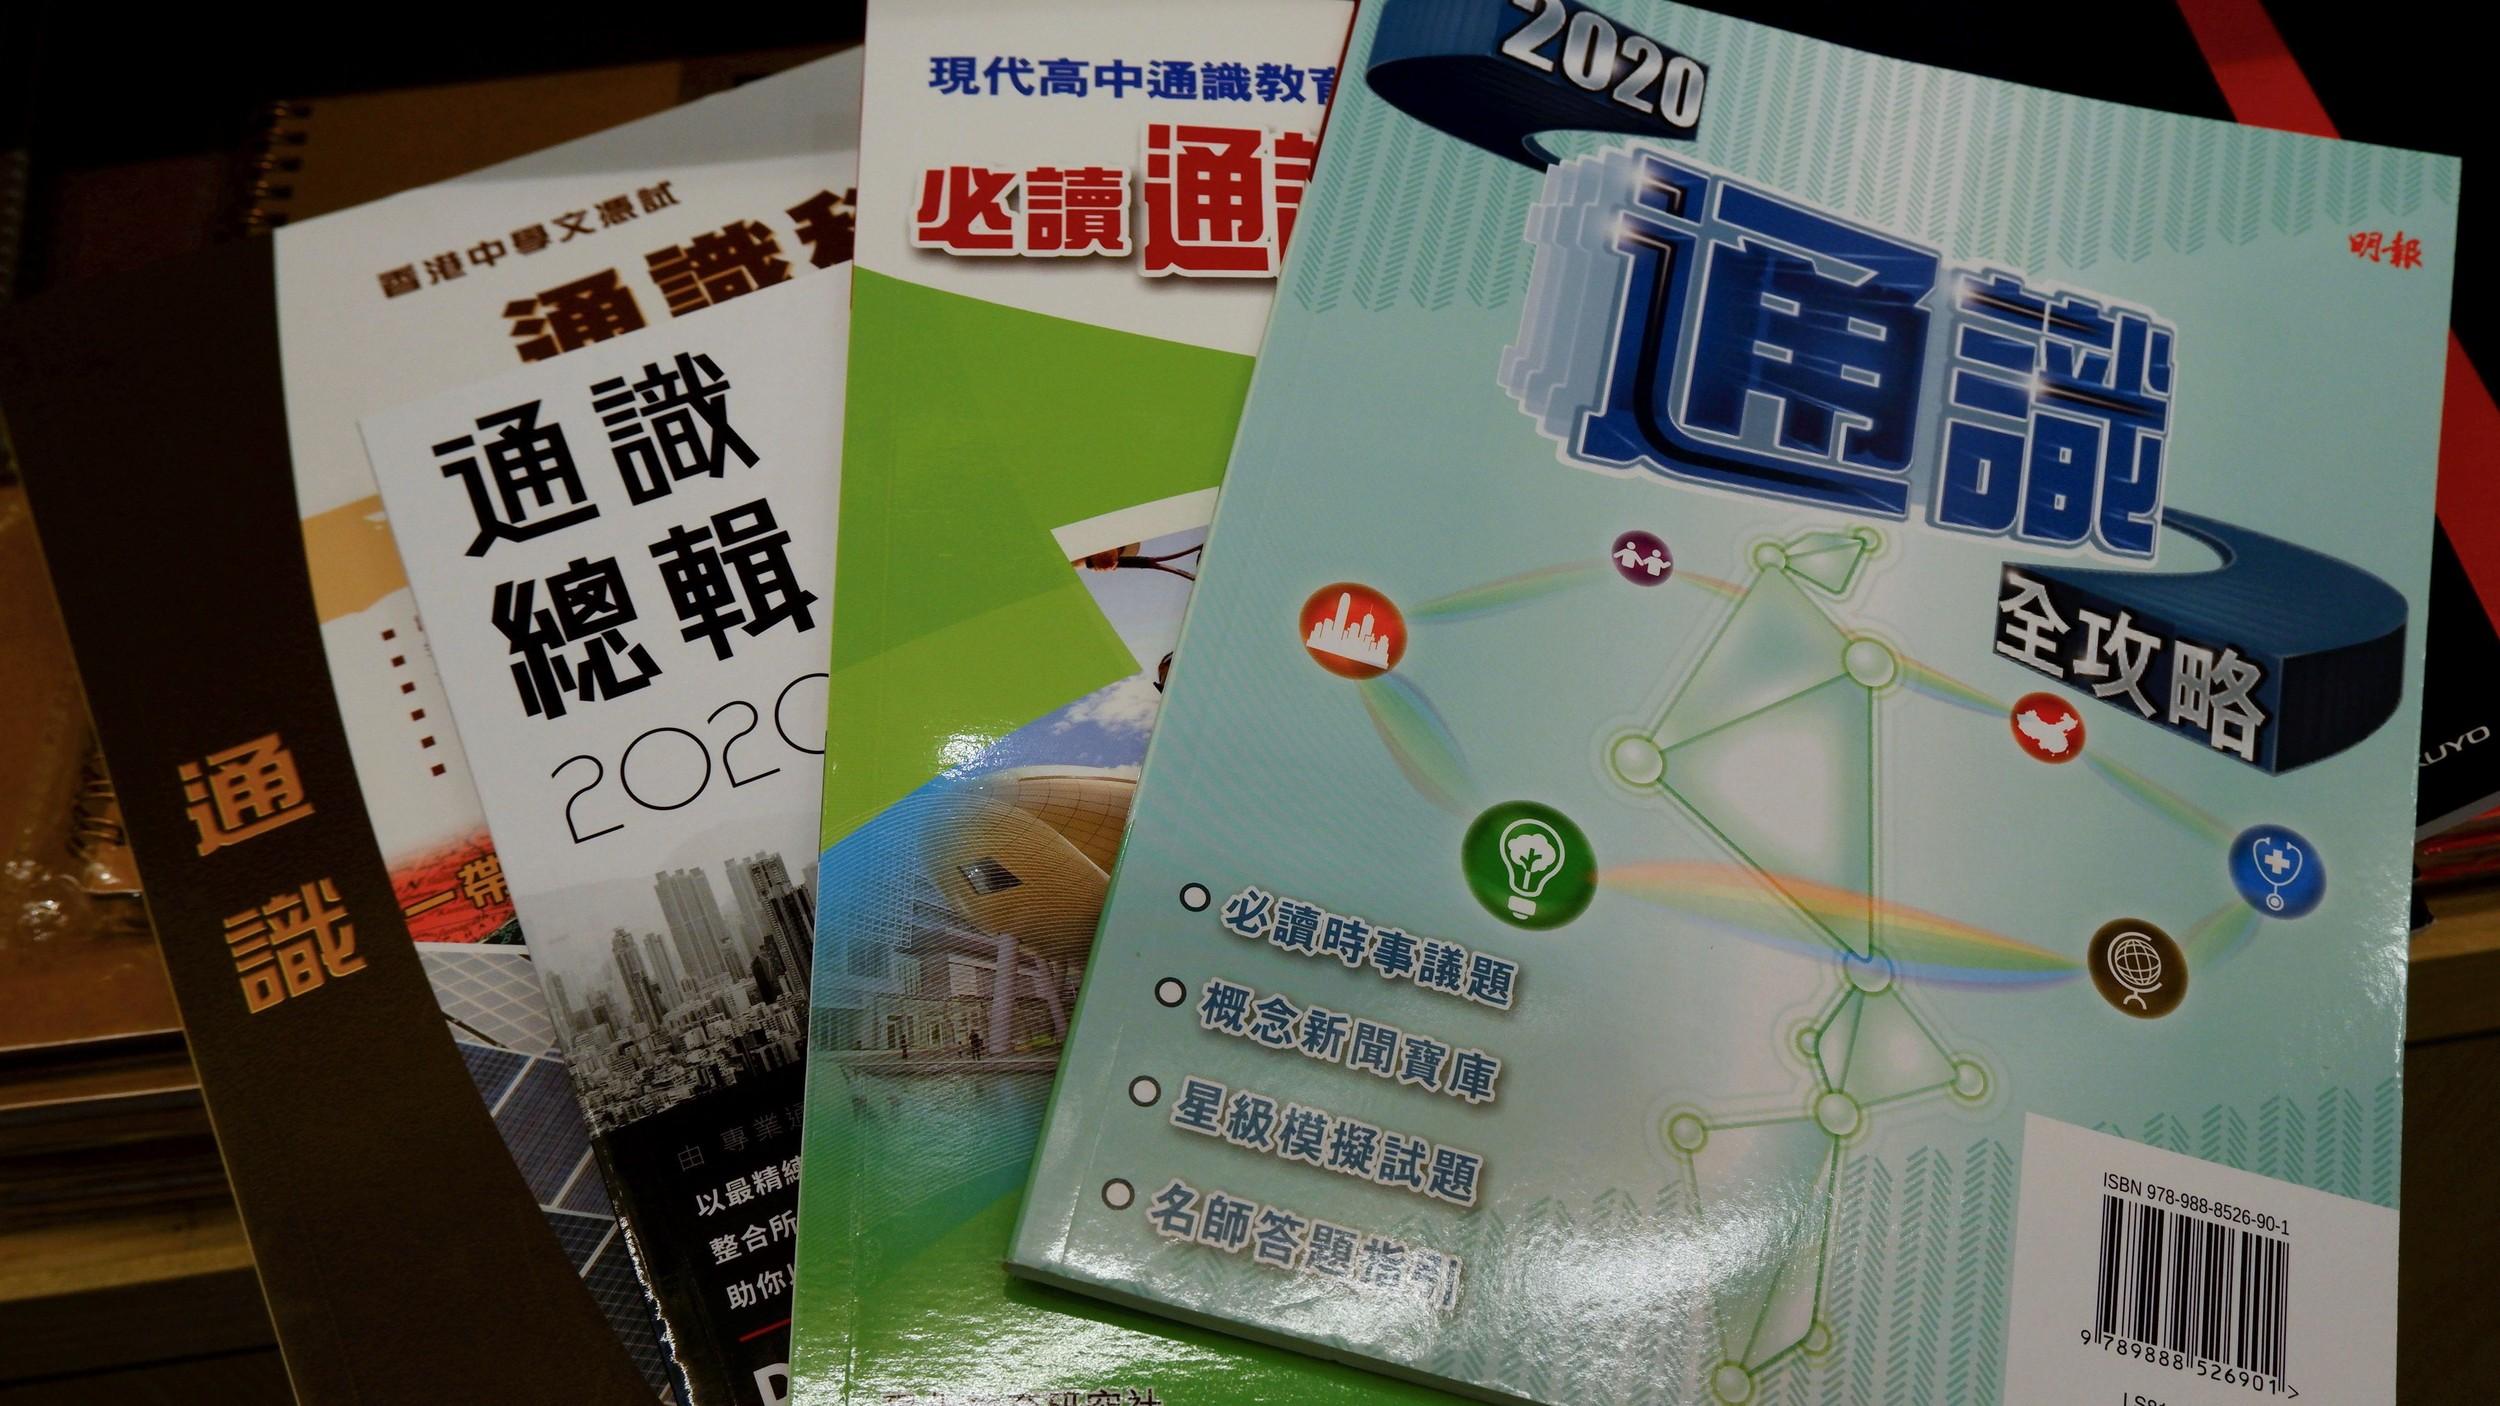 图说:在香港书店「中学补充教材」架上的通识应试练习、参考书等(示意图,非经过审批的教科书)。(摄影/金蕊)